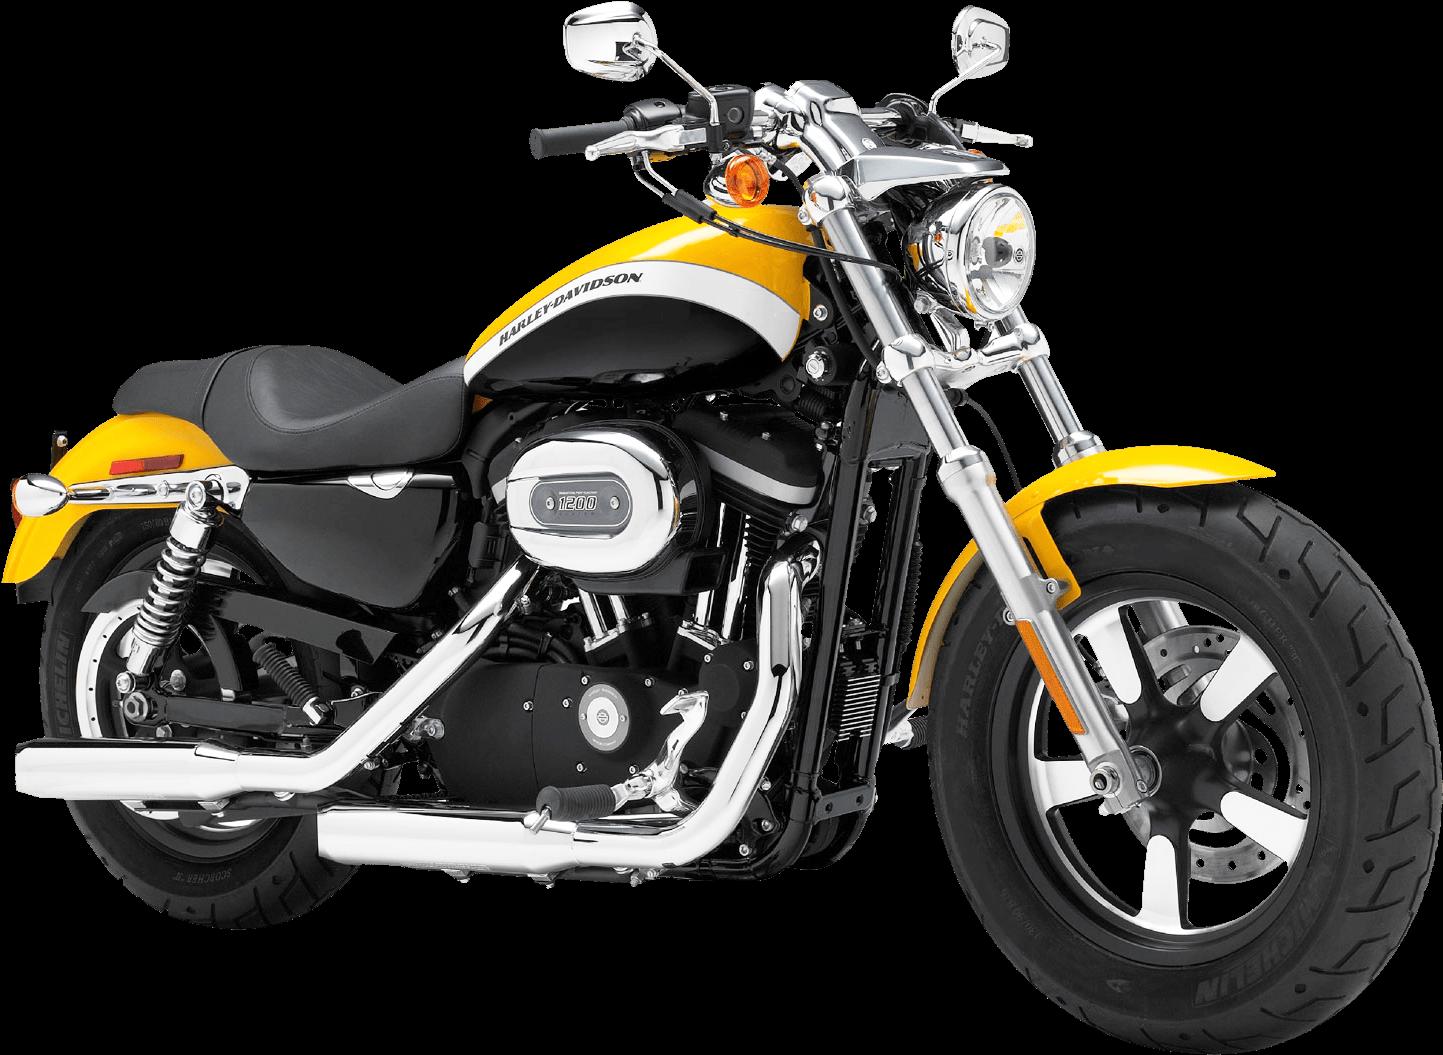 Bullet Source - Harley Davidson Bike Image Free Download (1546x1140), Png Download